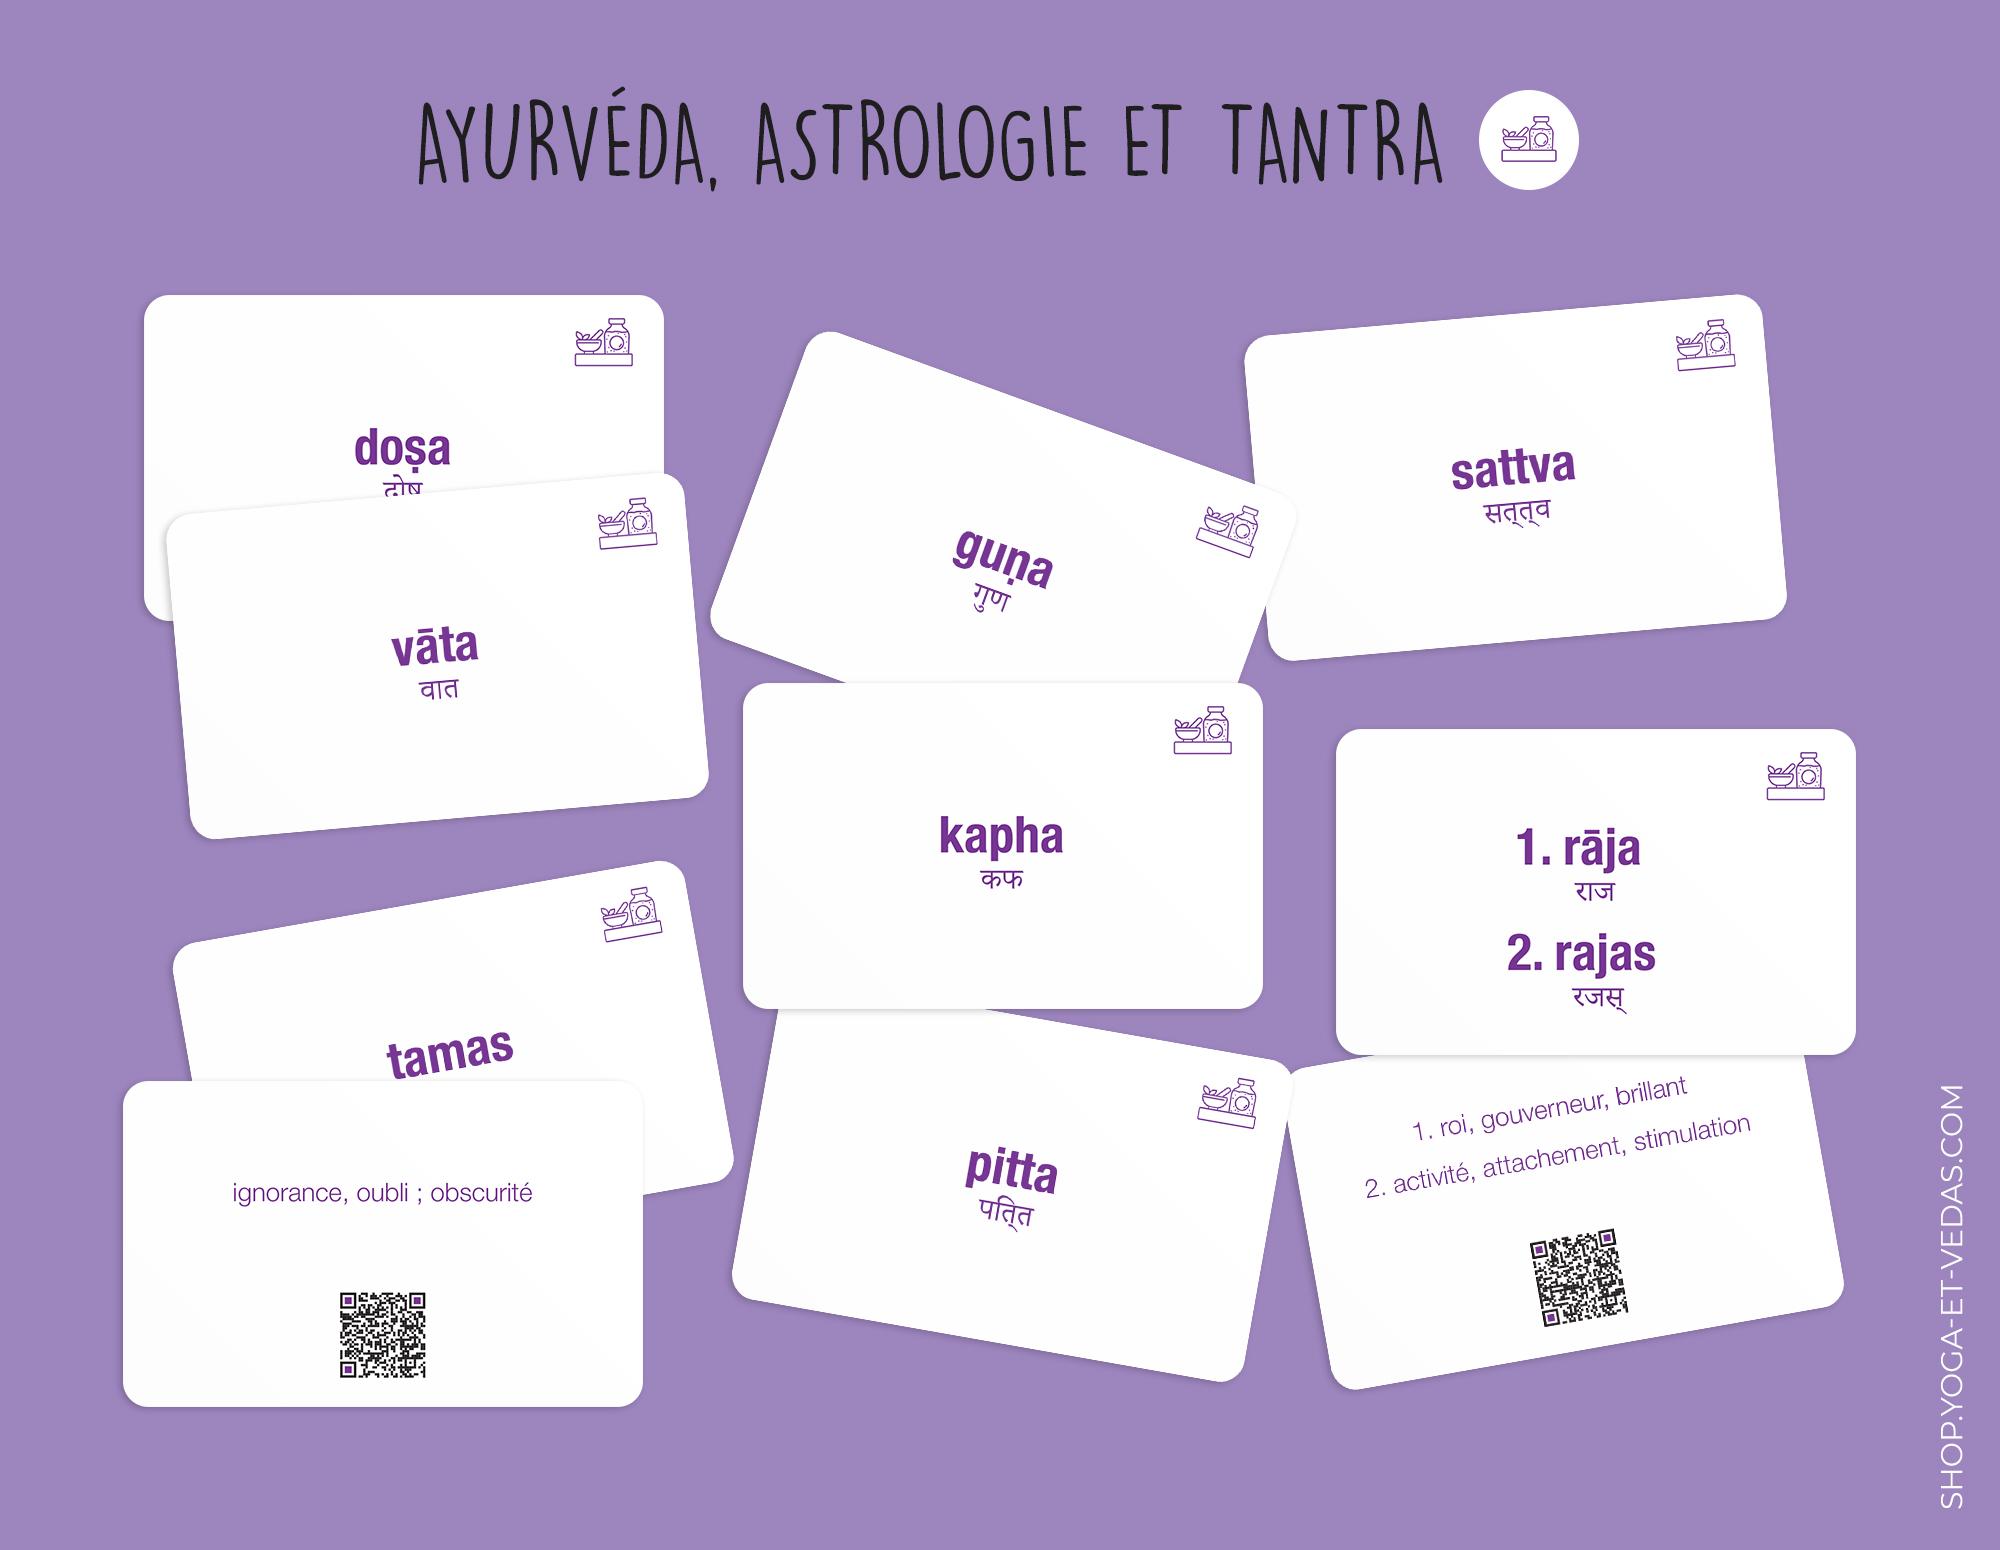 240 cartes de Sanskrit - Ayurvéda, Astrologie et Tantra - Shop Yoga&Vedas